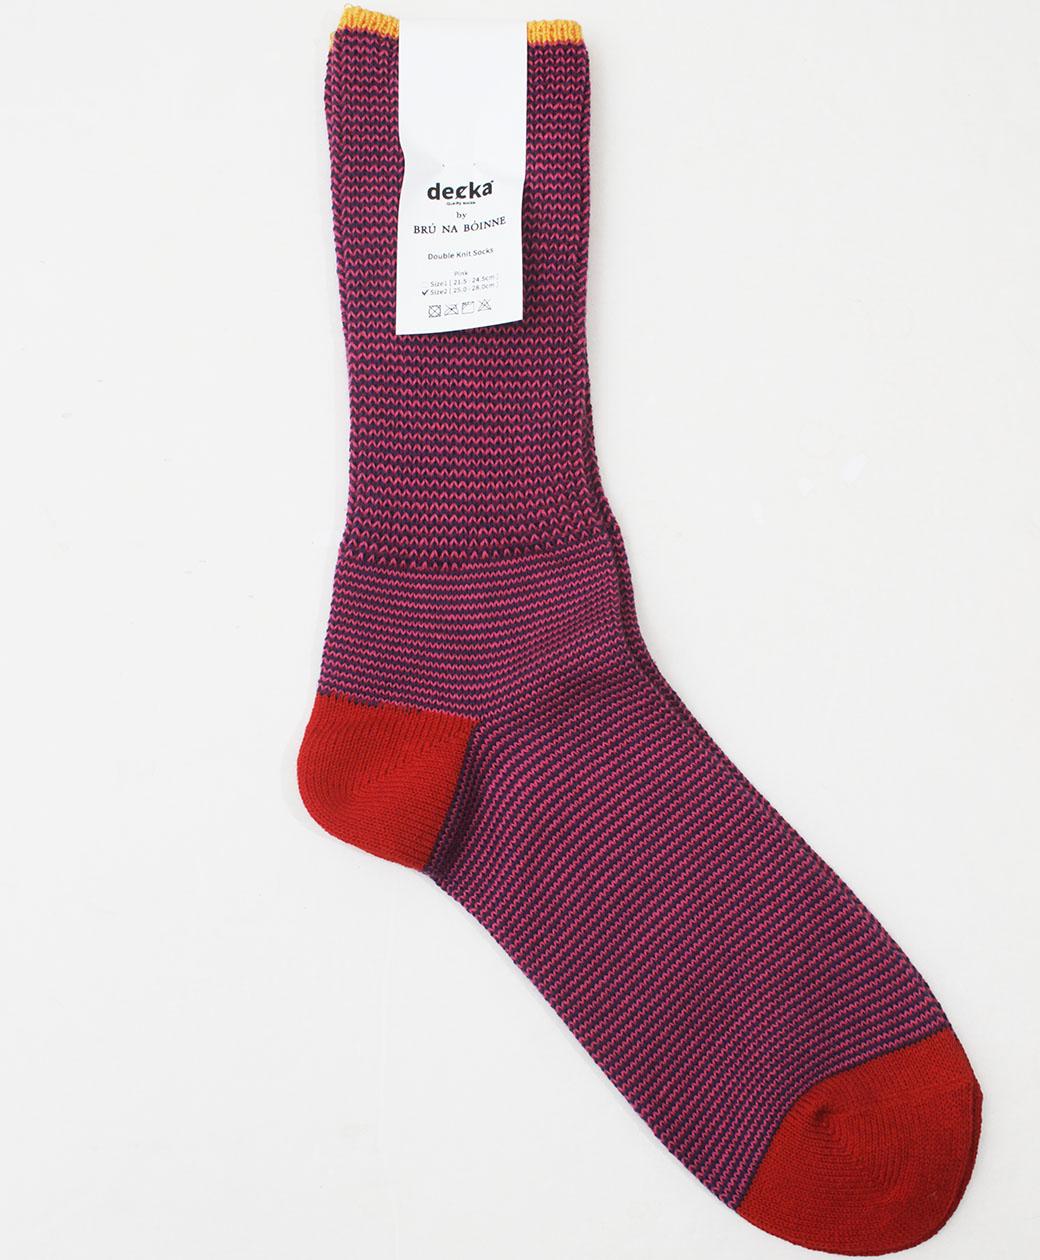 BRU NA BOINNE Double Knit Socks(PINK)